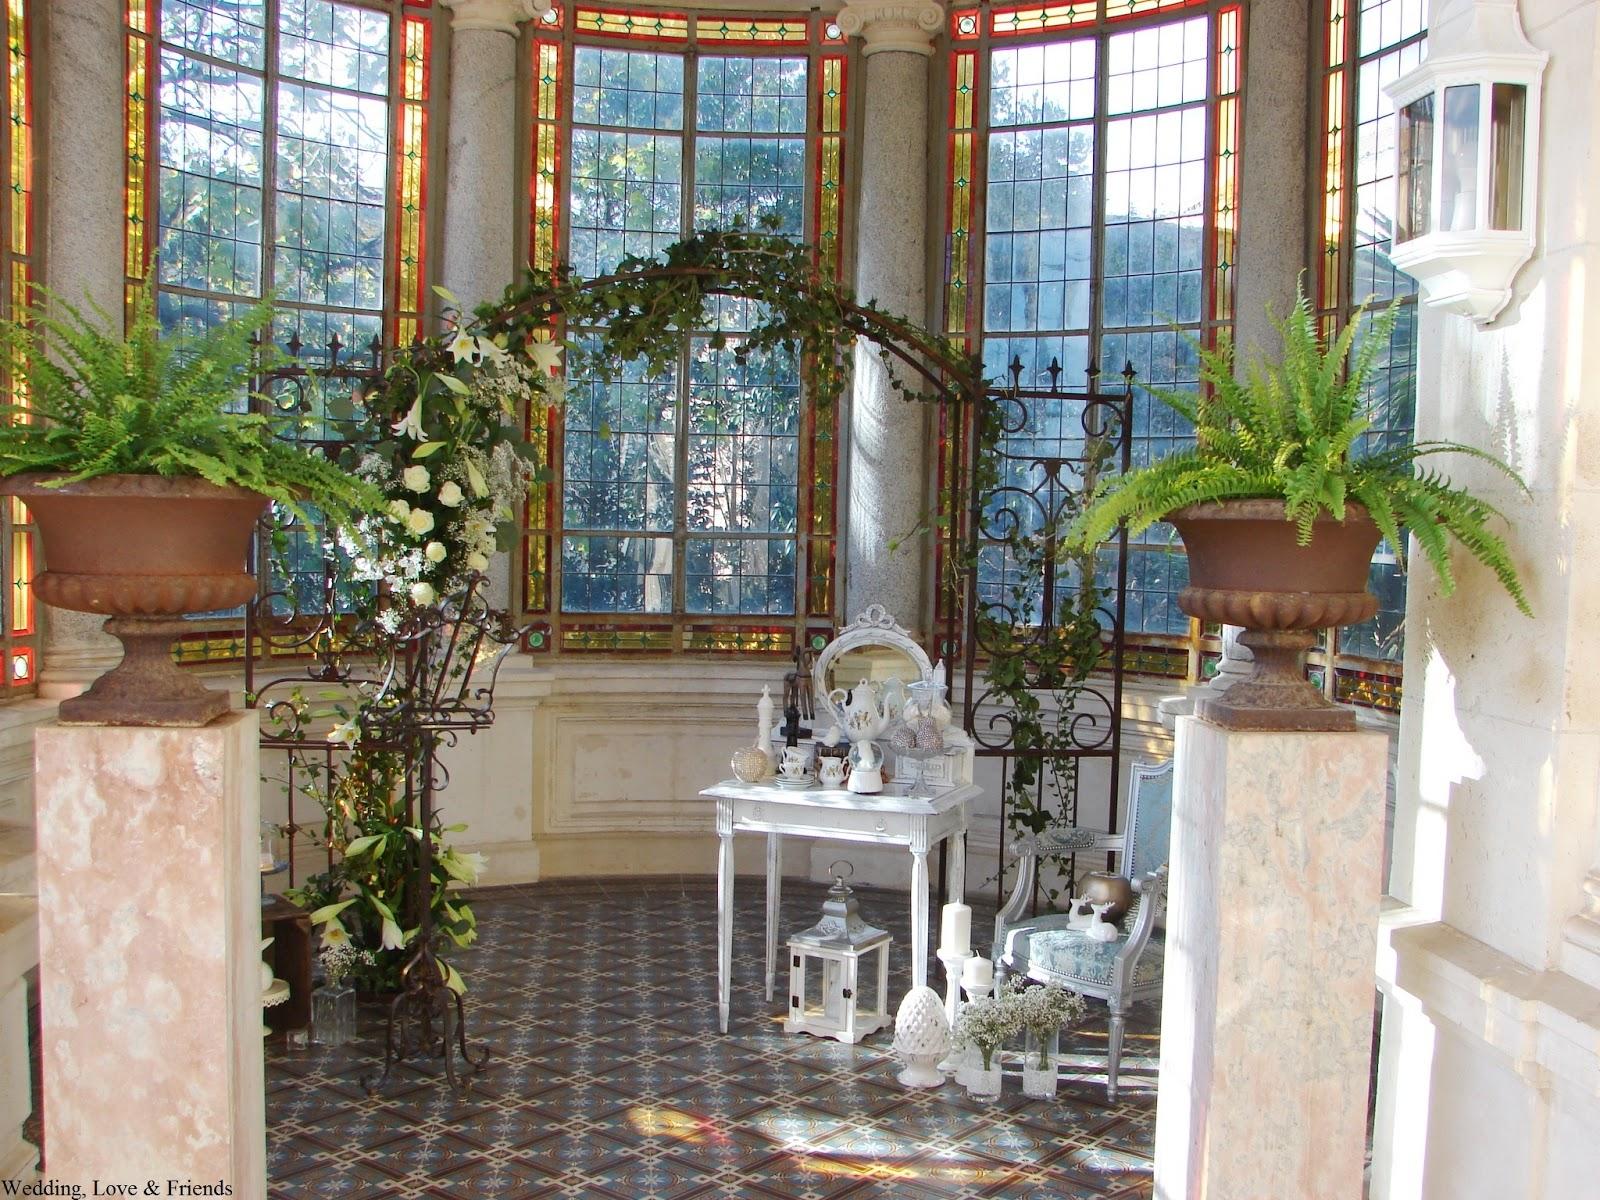 wedding love and friends une apr s midi tea time la villa guy. Black Bedroom Furniture Sets. Home Design Ideas